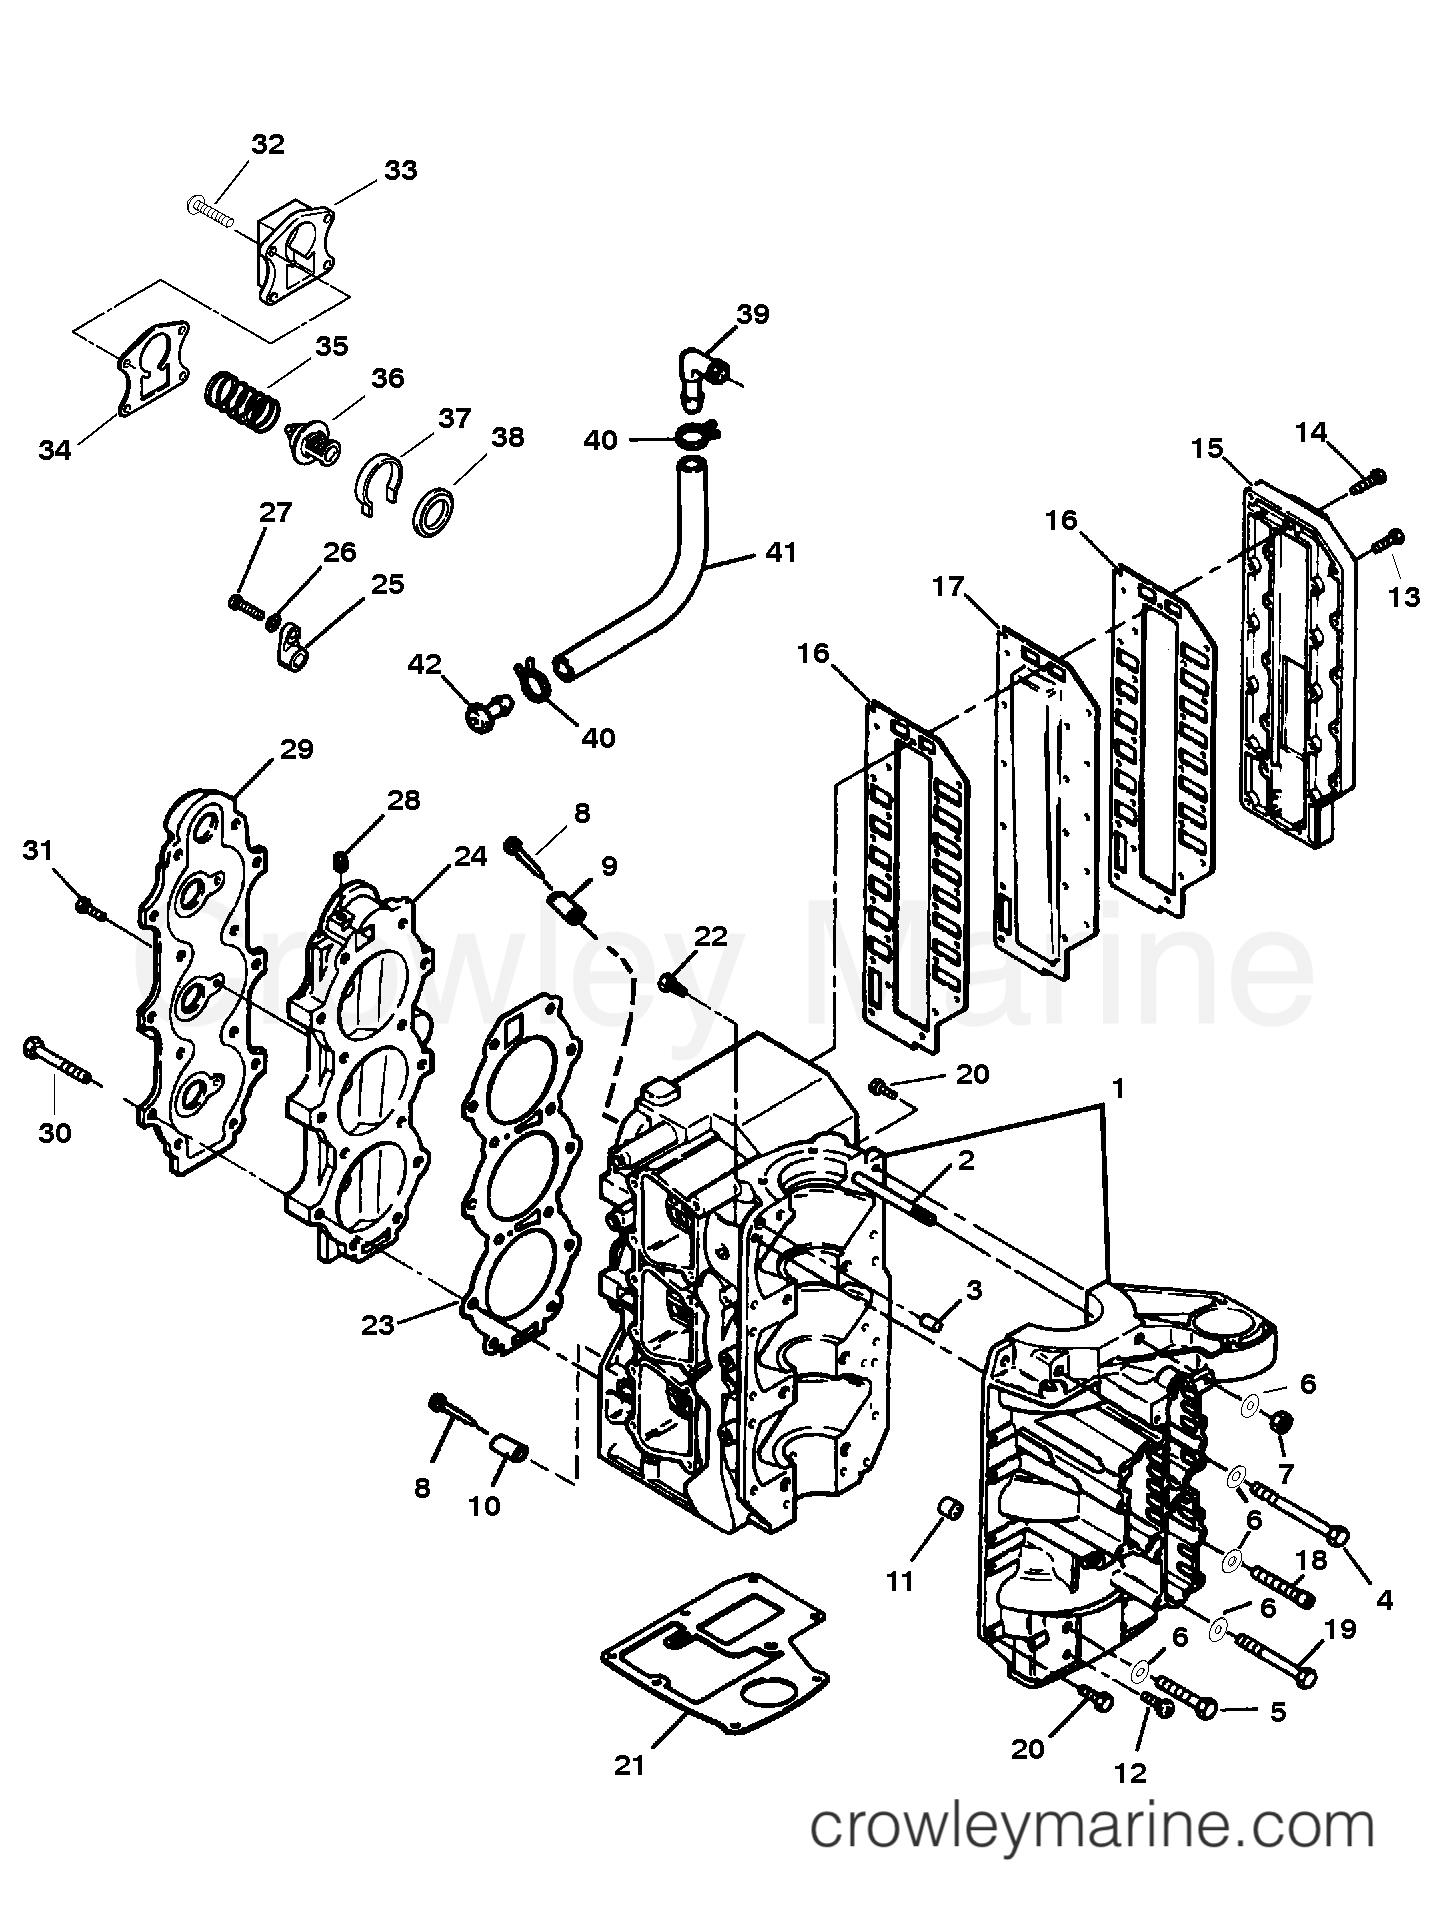 cylinder block assembly serial 0e181483 thru 0e287999 1996 rh crowleymarine com Engine Diagram for Outboard Engines Outboard Engine Parts Diagram